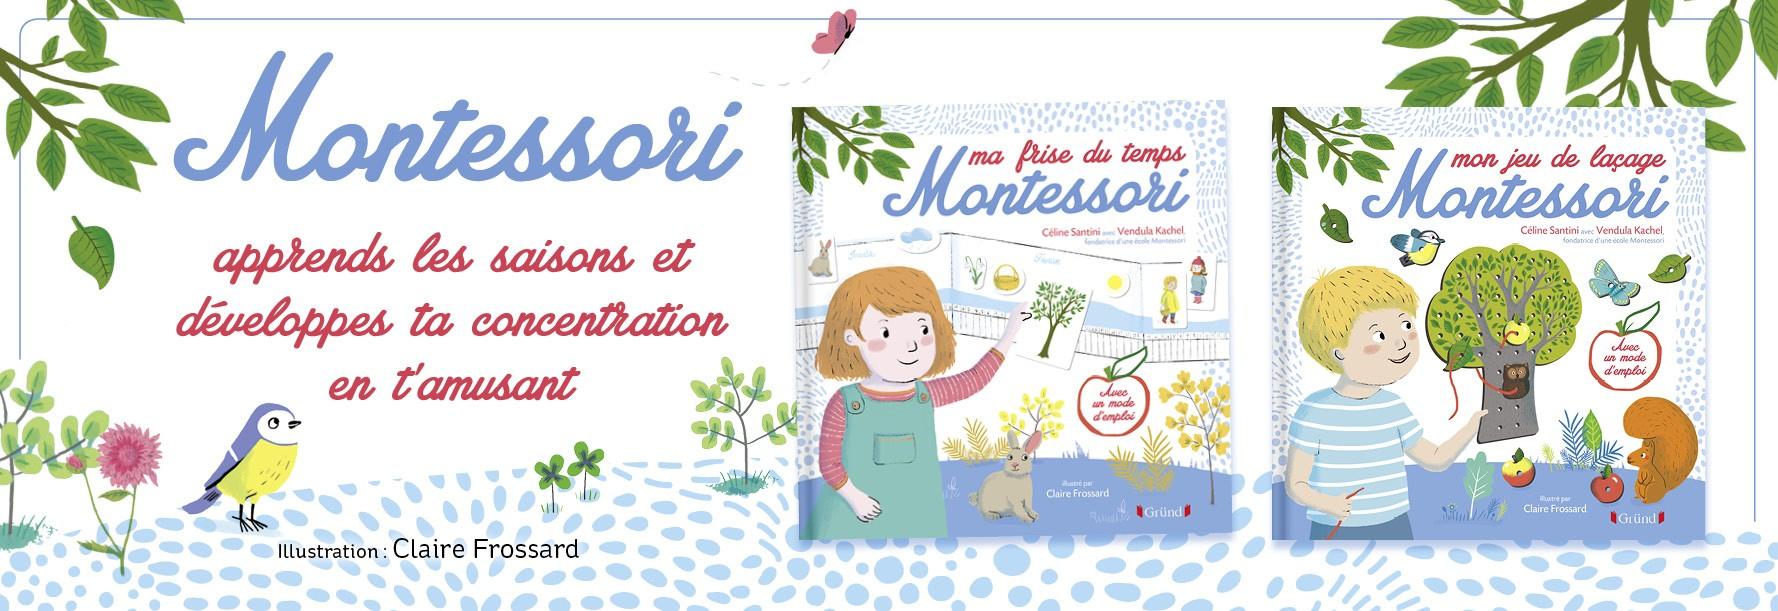 1571_1_Lisez_SliderM_Montessori_FriseLacage.jpg